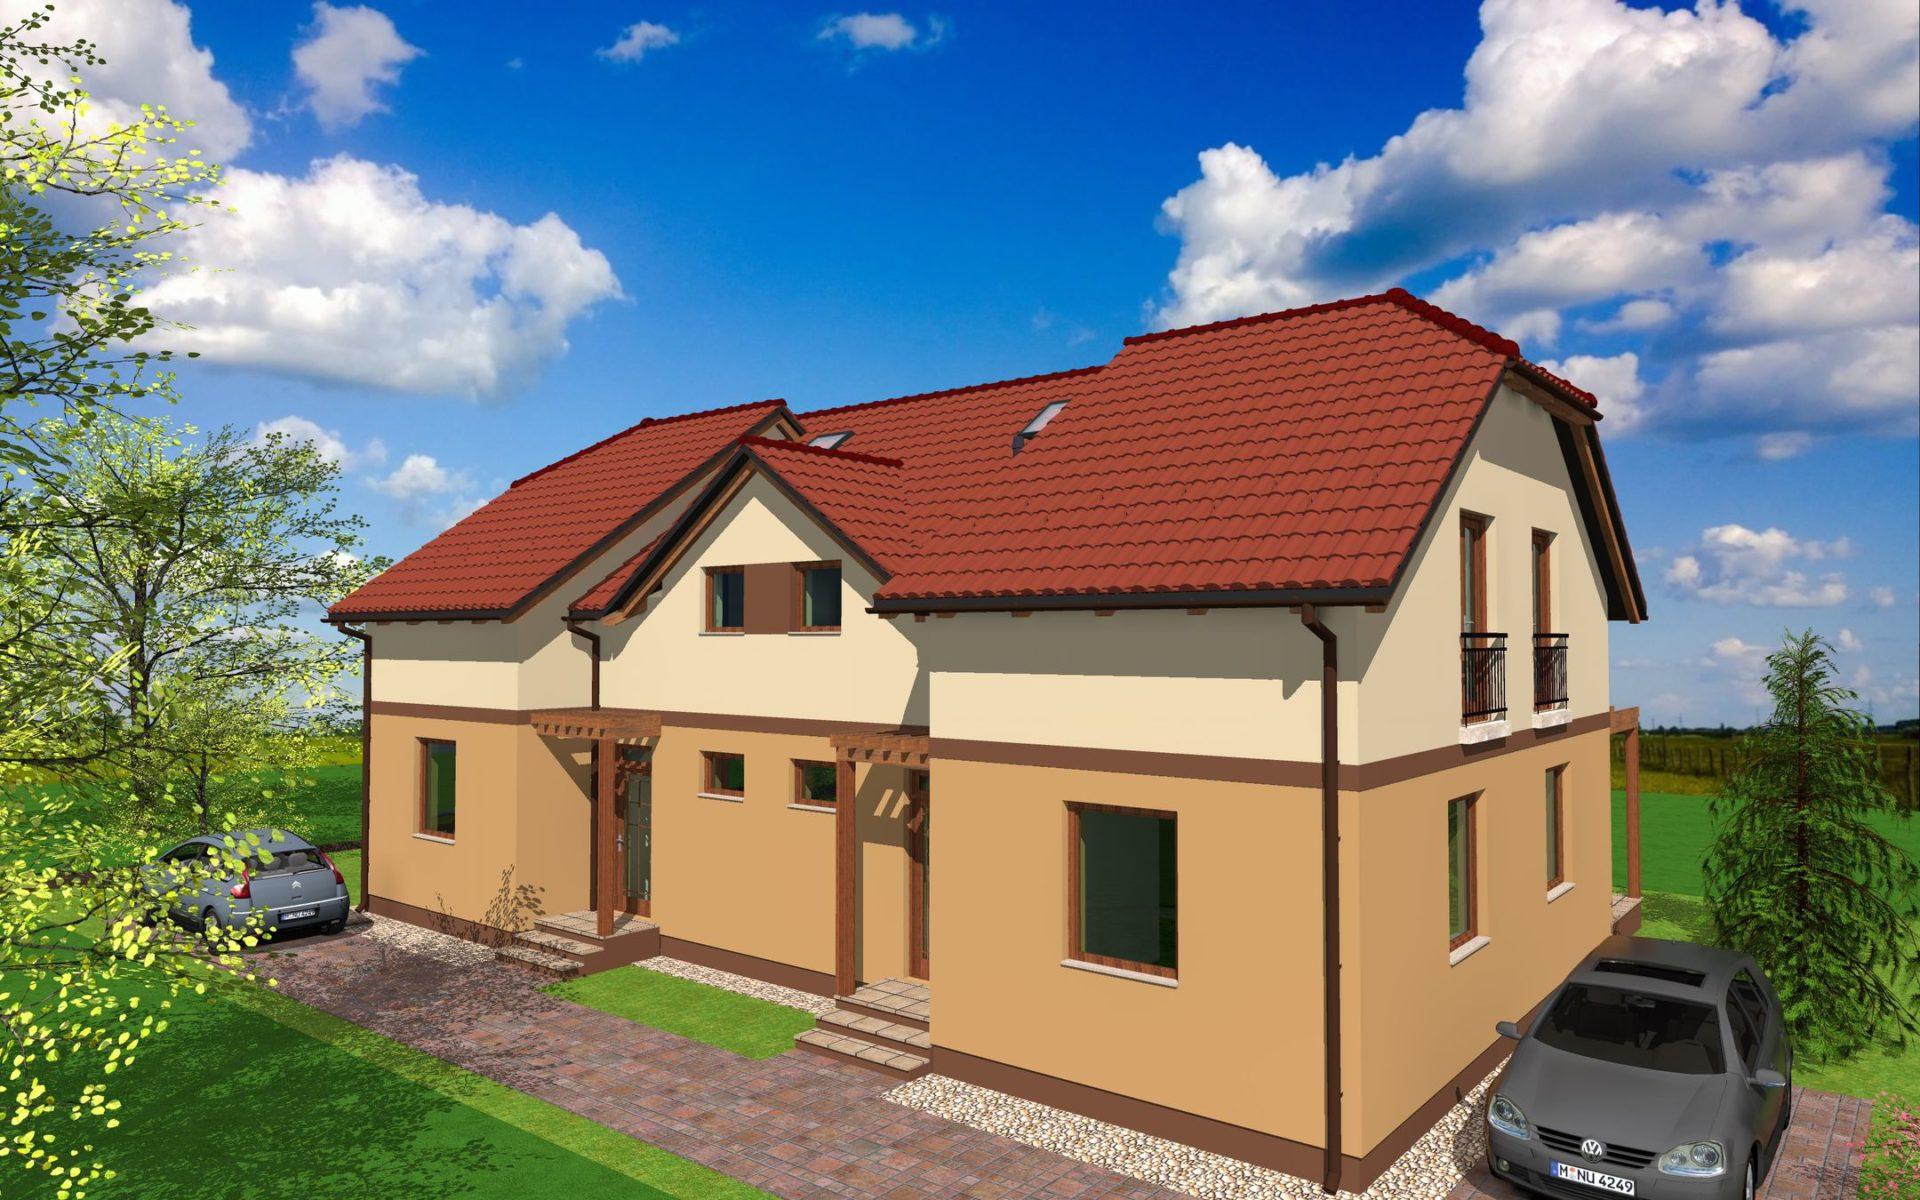 Gyömrőn,lakóparki,kellemes környezetben eladó egy új építésű ikerház!